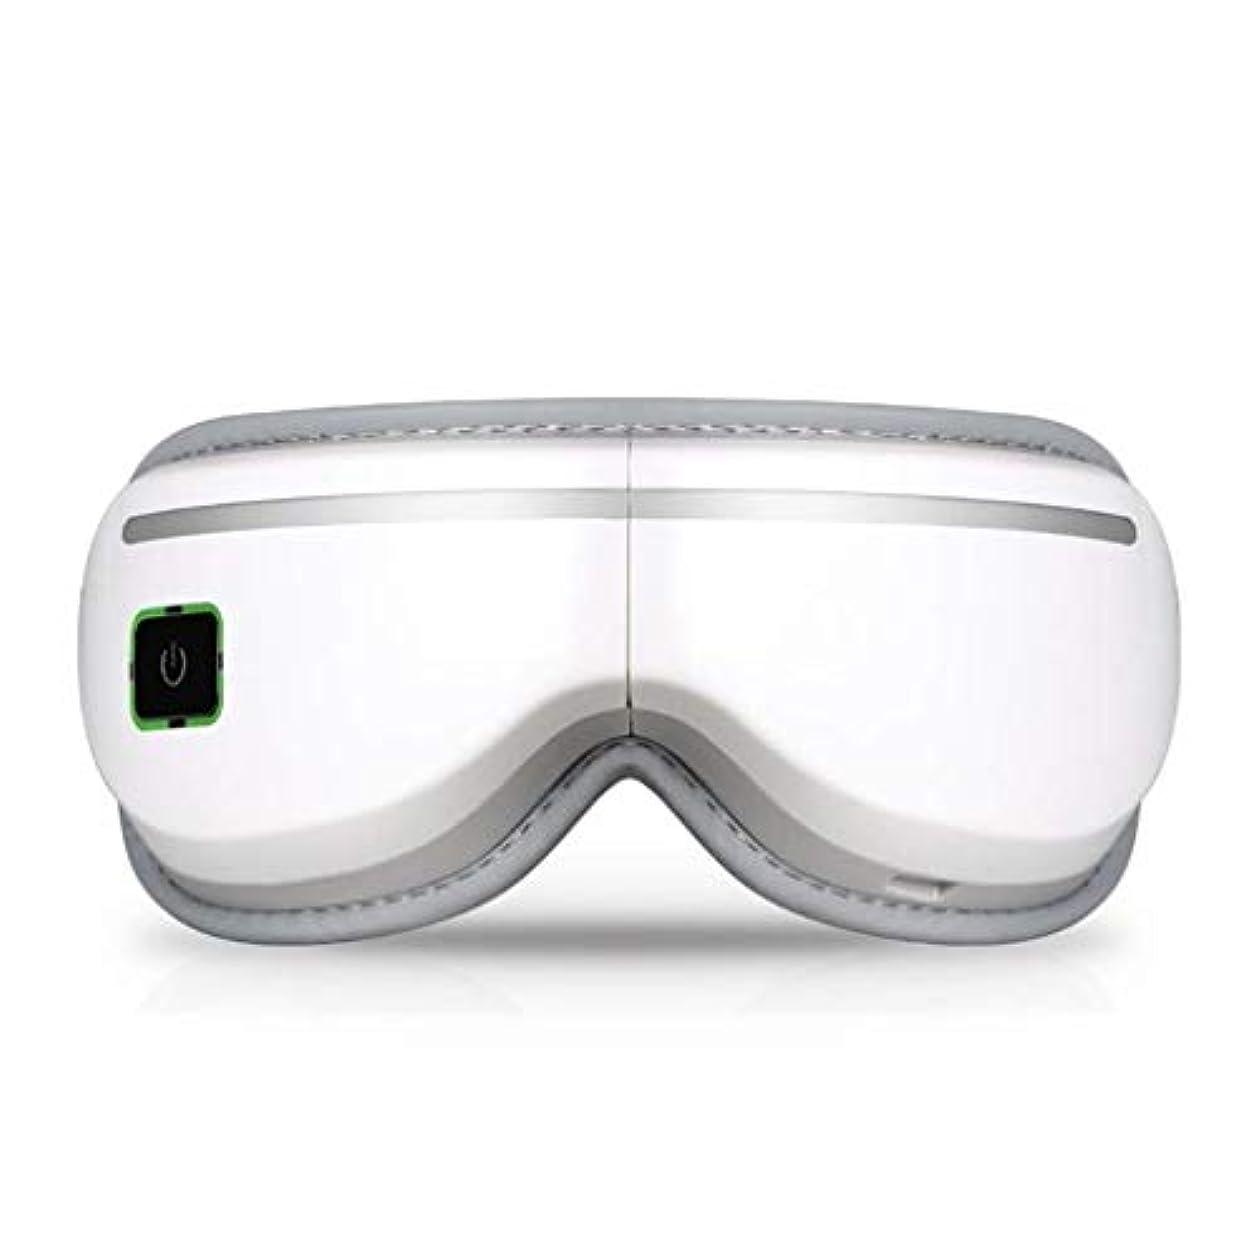 比較的上級証明書アイマッサージャー、電動アイマッサージアイマスク、音楽/加熱/圧縮/空気圧/振動アイケア、マッサージリモート、旅行オフィスファミリーカー